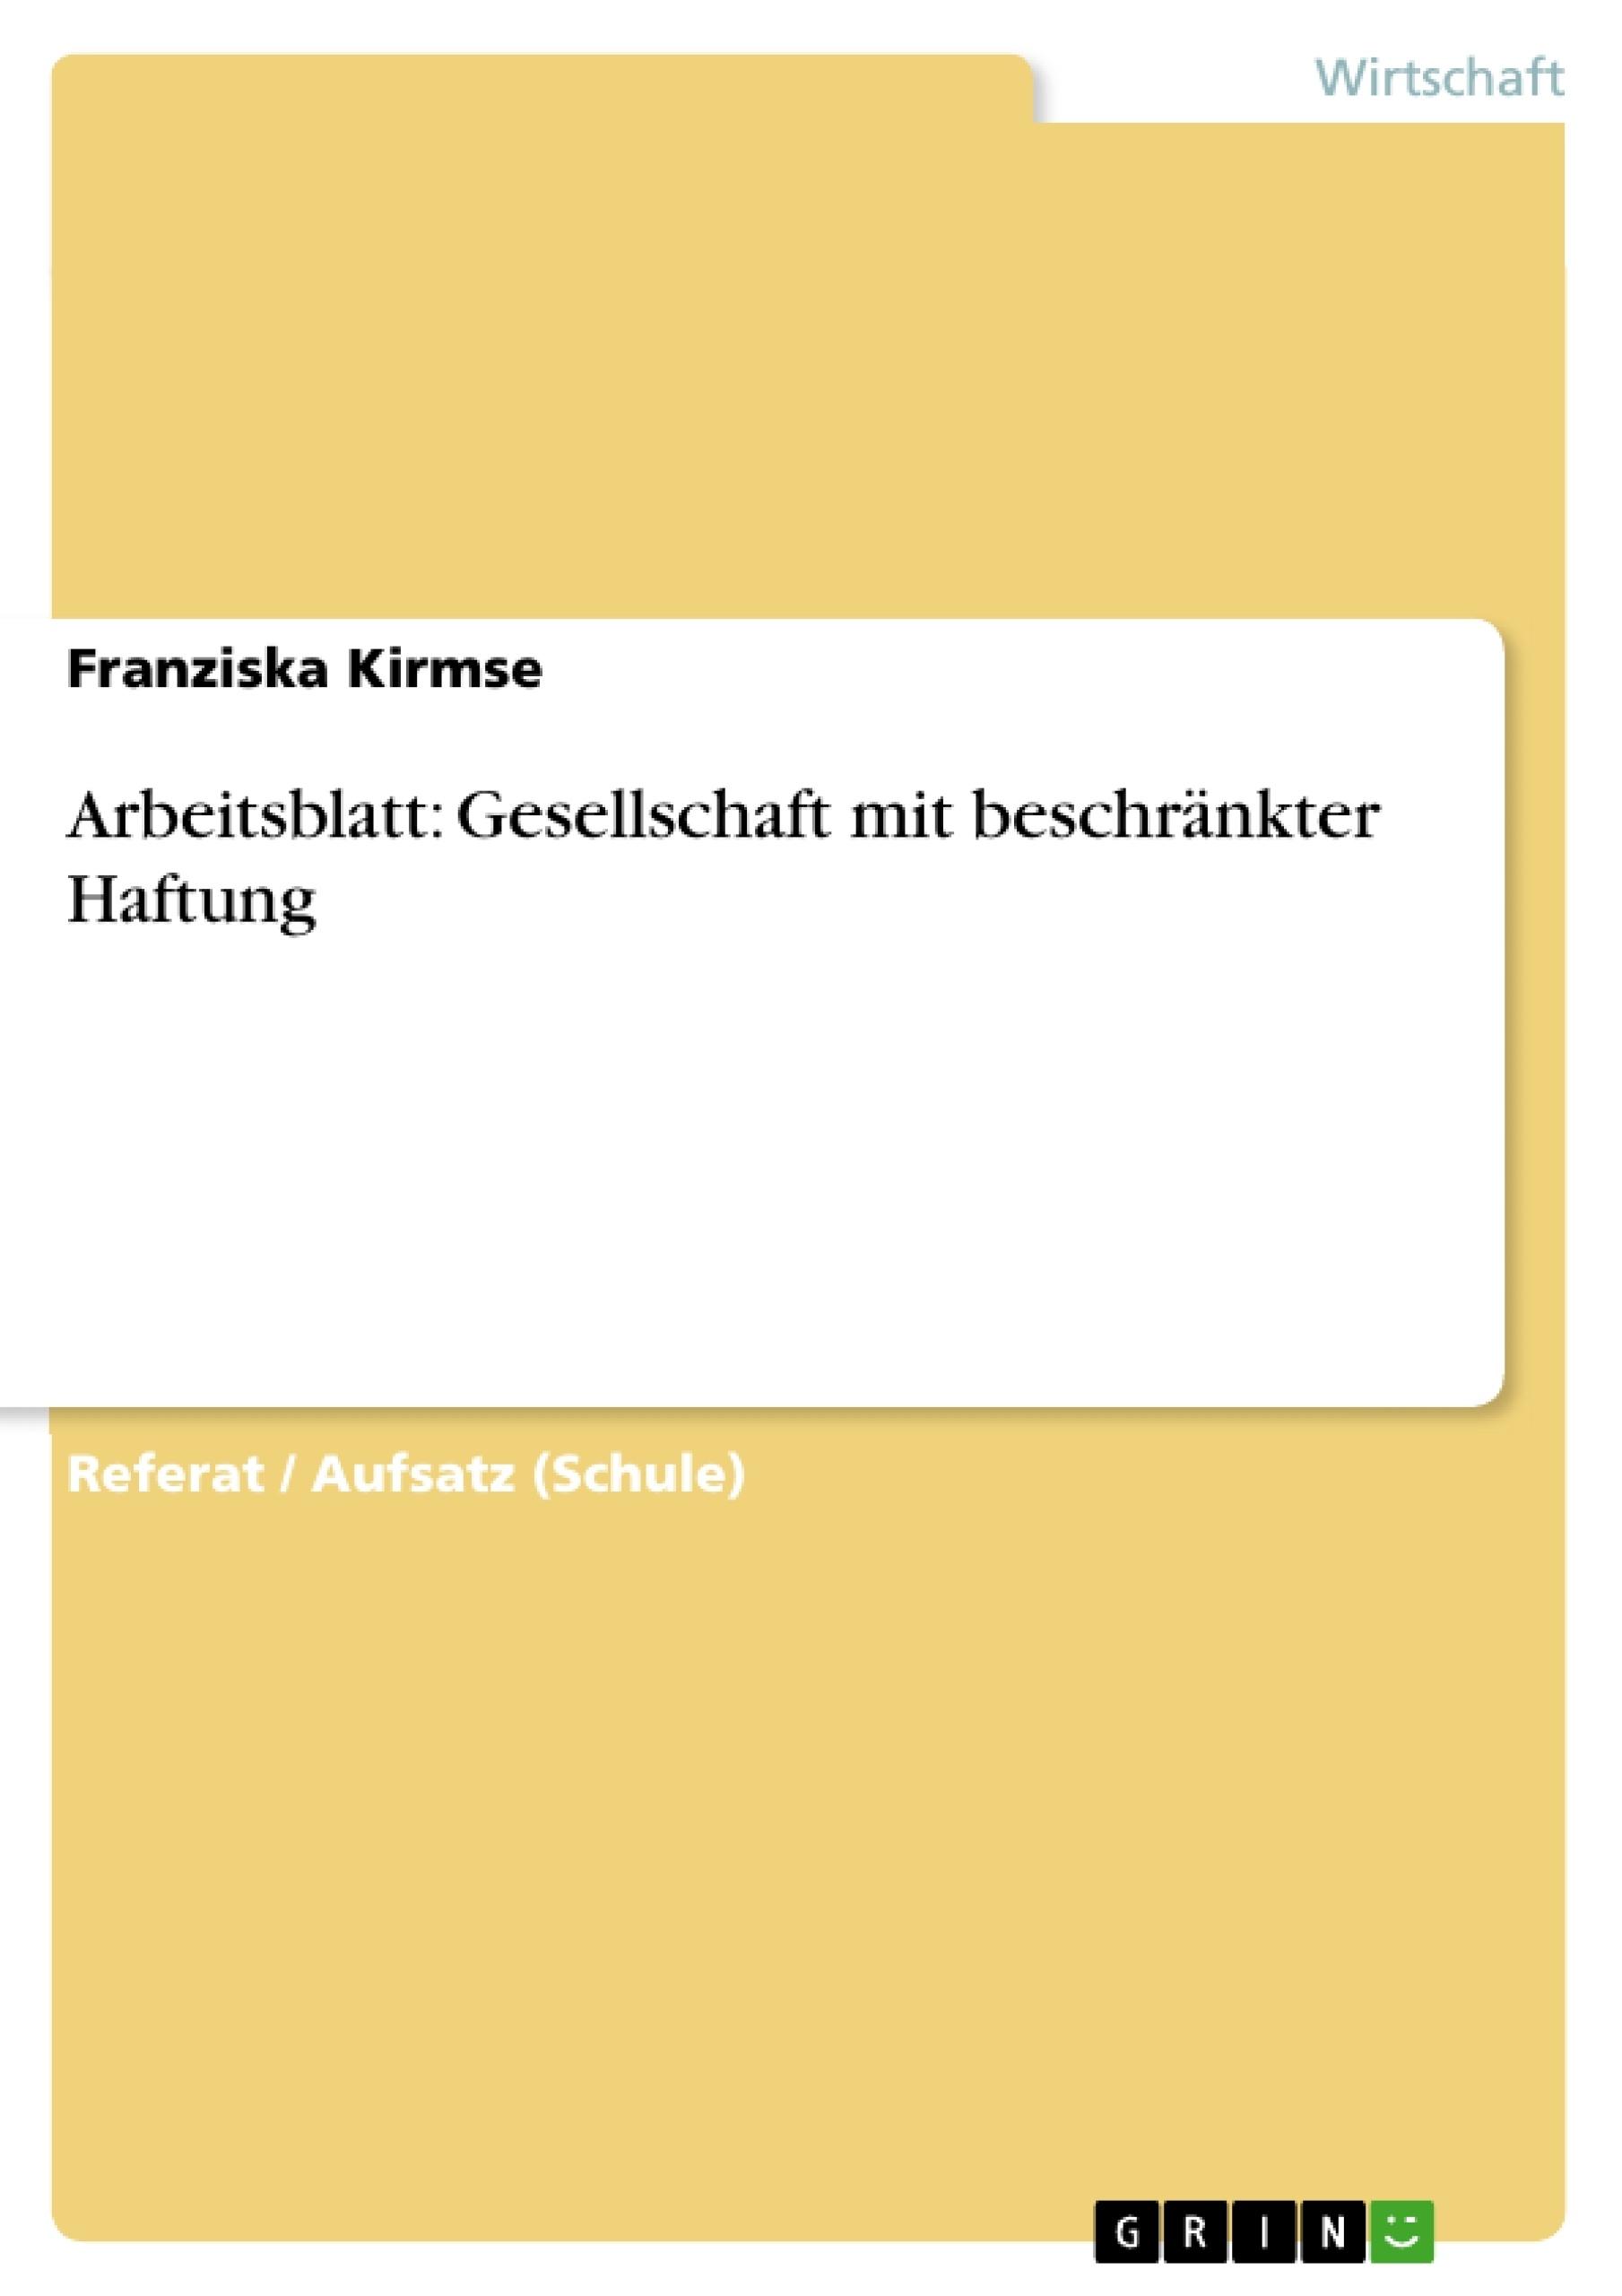 Arbeitsblatt: Gesellschaft mit beschränkter Haftung | Hausarbeiten ...